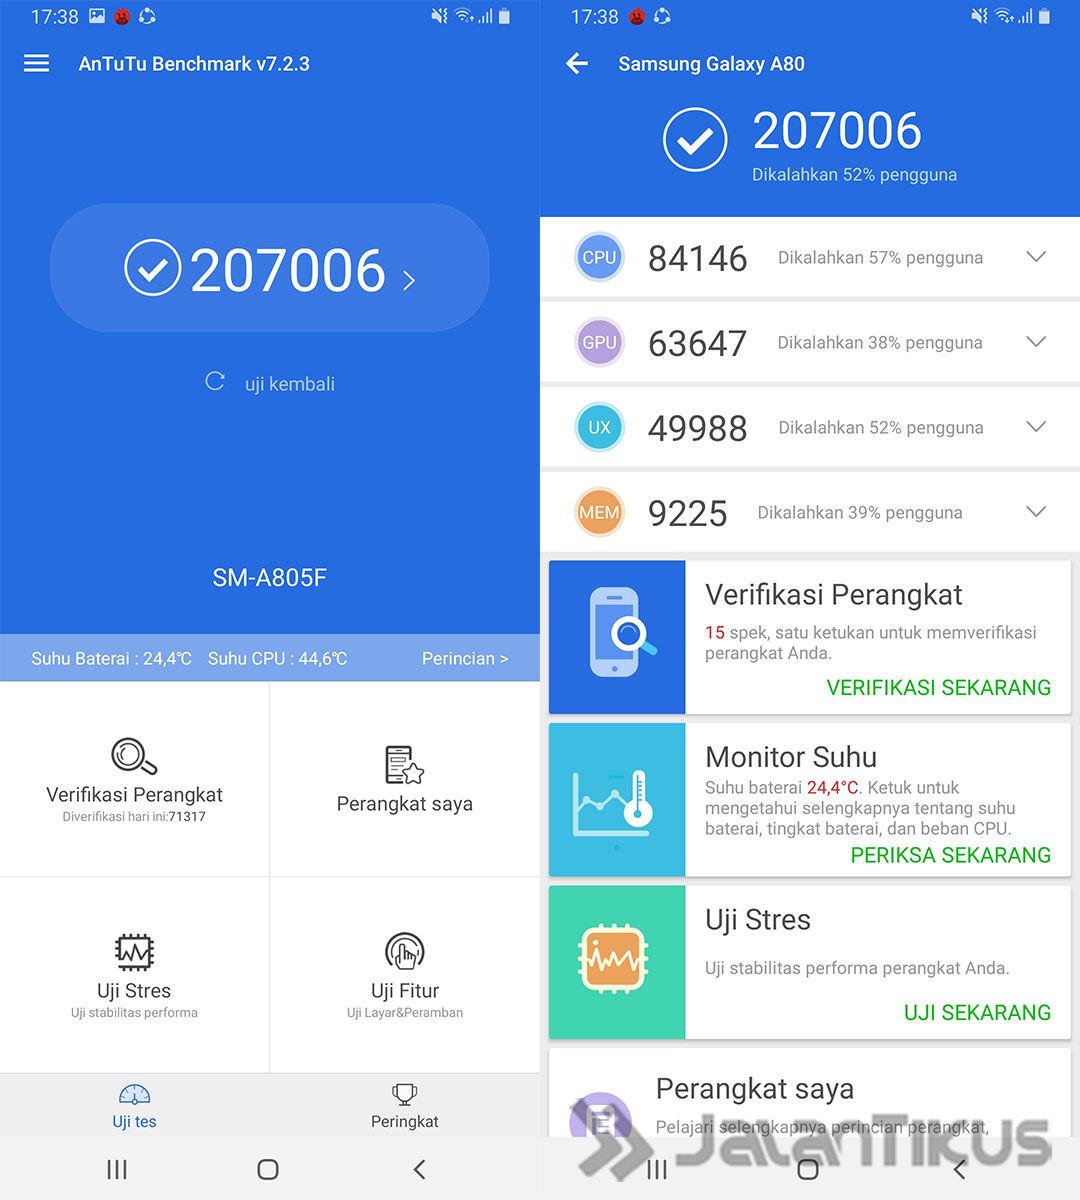 Benchmark Samsung Galaxy A80 01 0cdc2